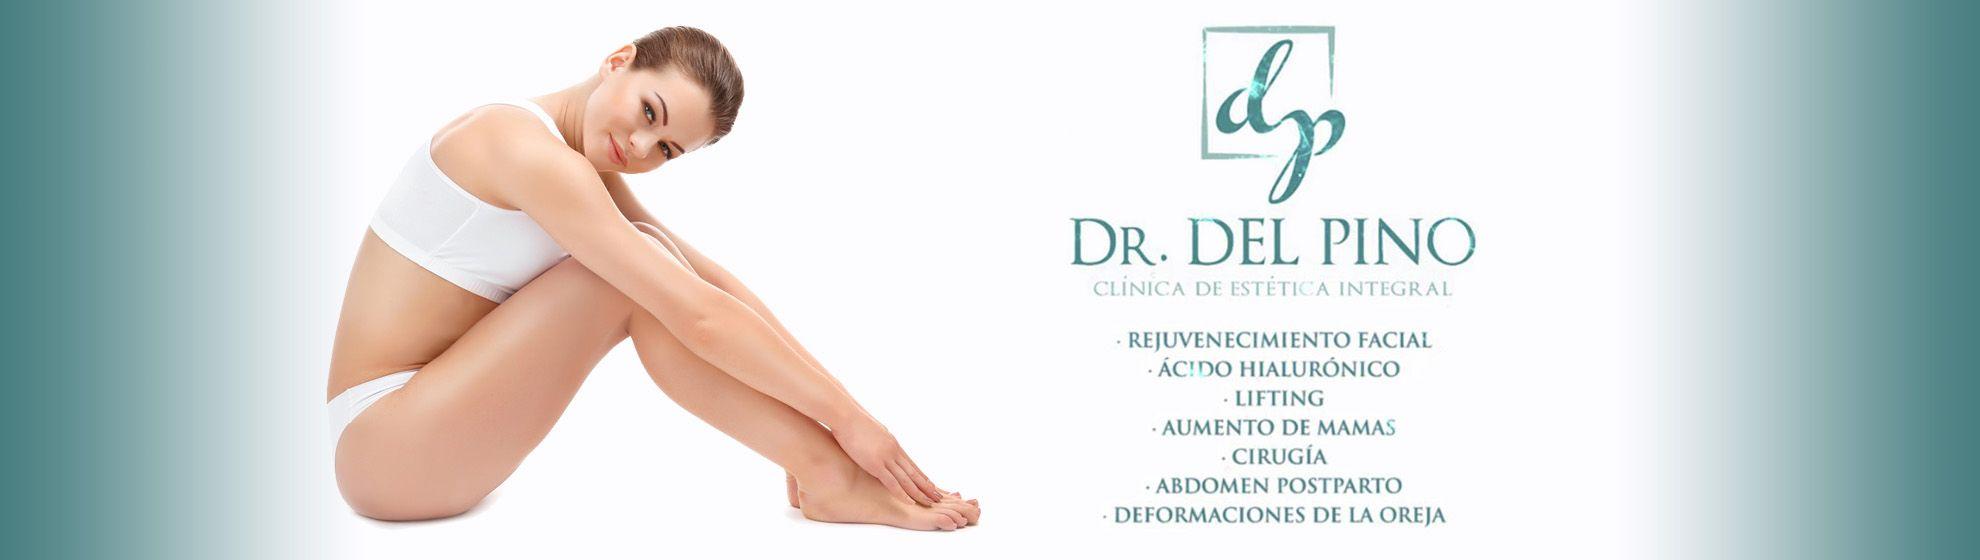 Clínica de estética Dr. del Pino